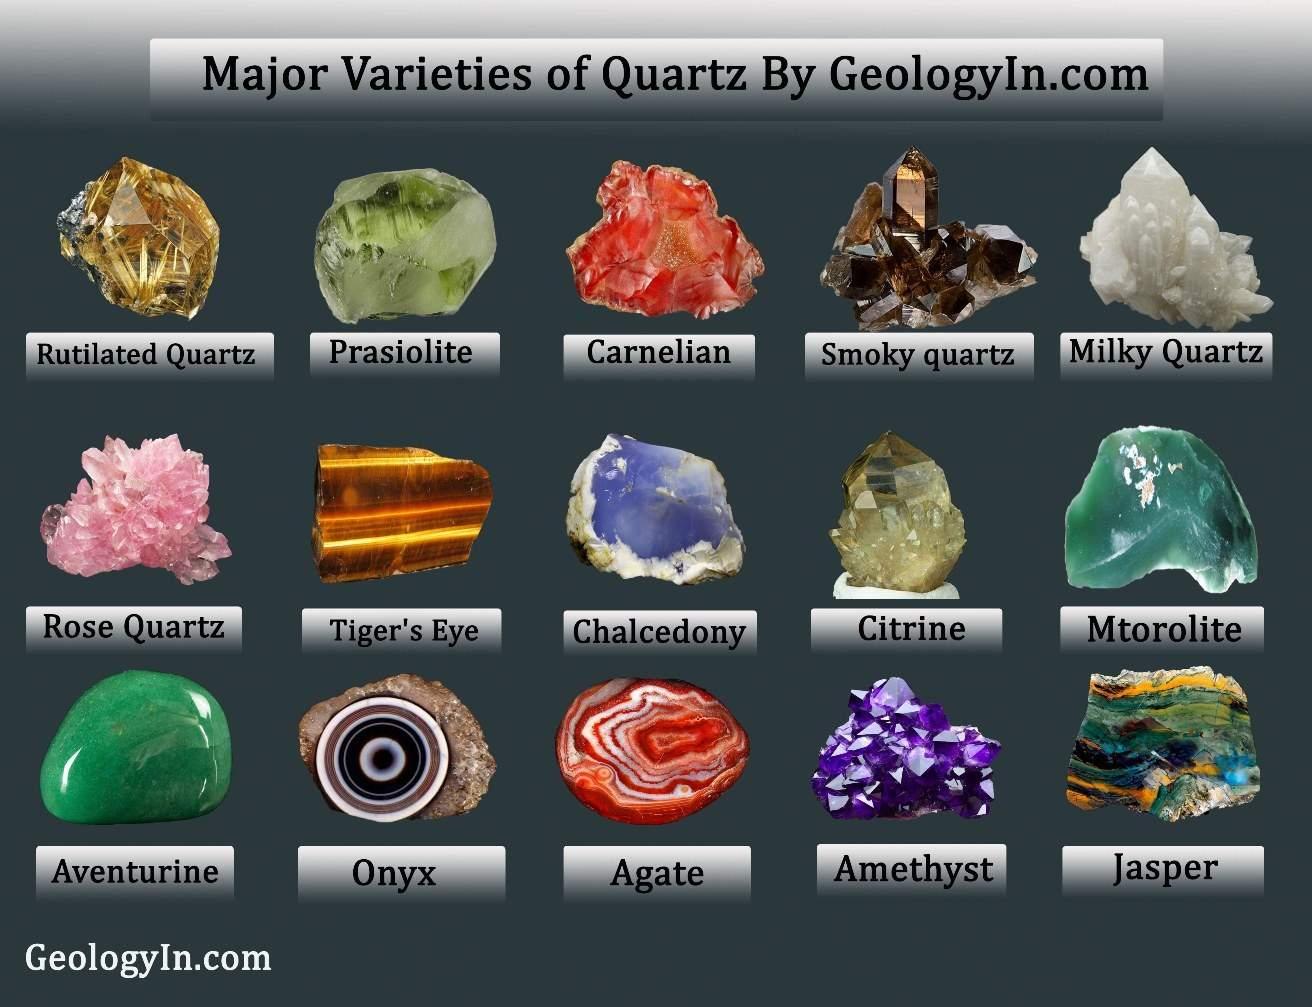 The Major Varieties of Quartz (Photos) Quartz Crystals Types